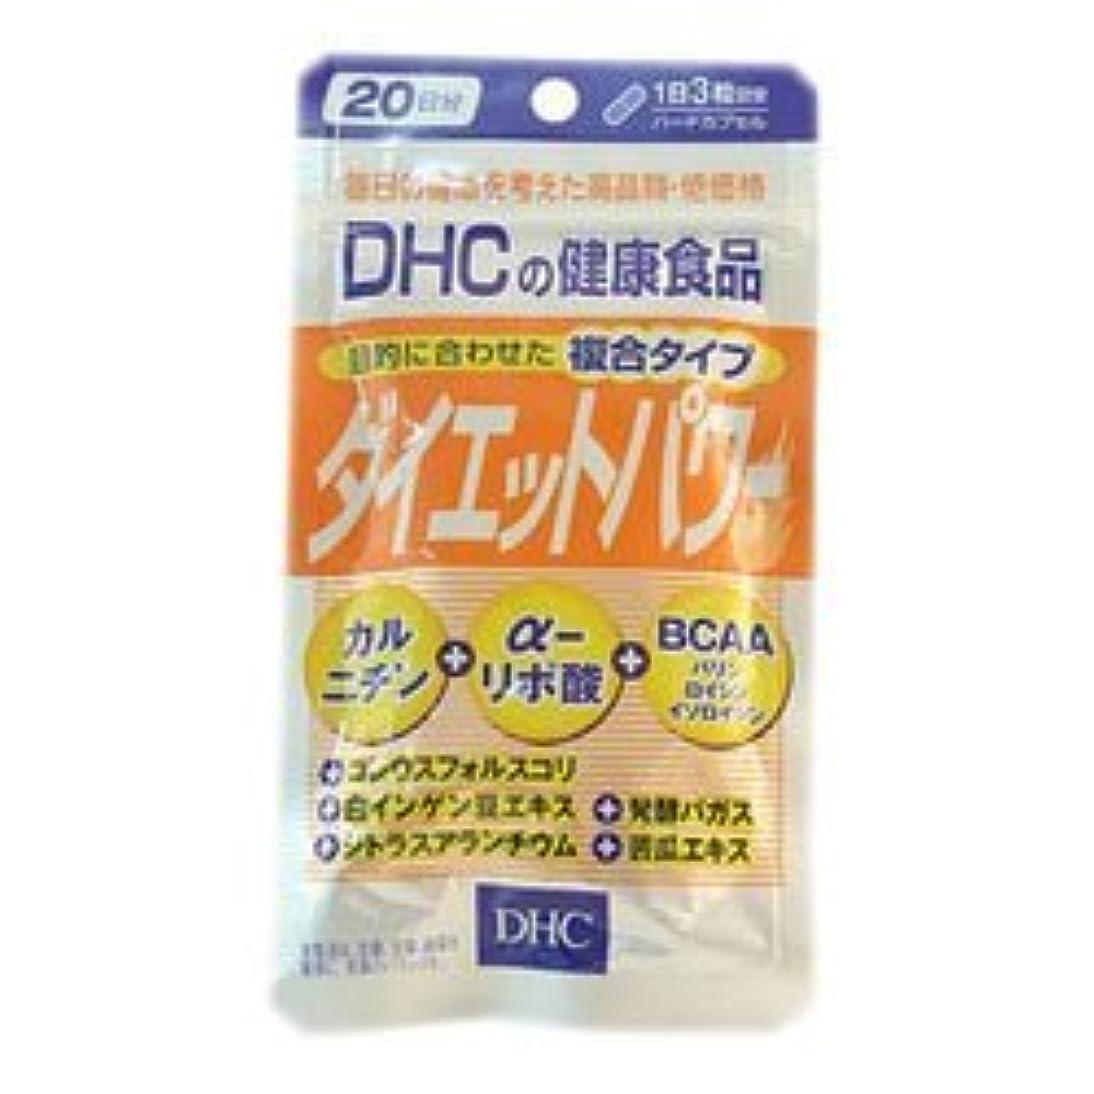 狐消化コンクリート【DHC】ダイエットパワー 20日分 (60粒) ×20個セット